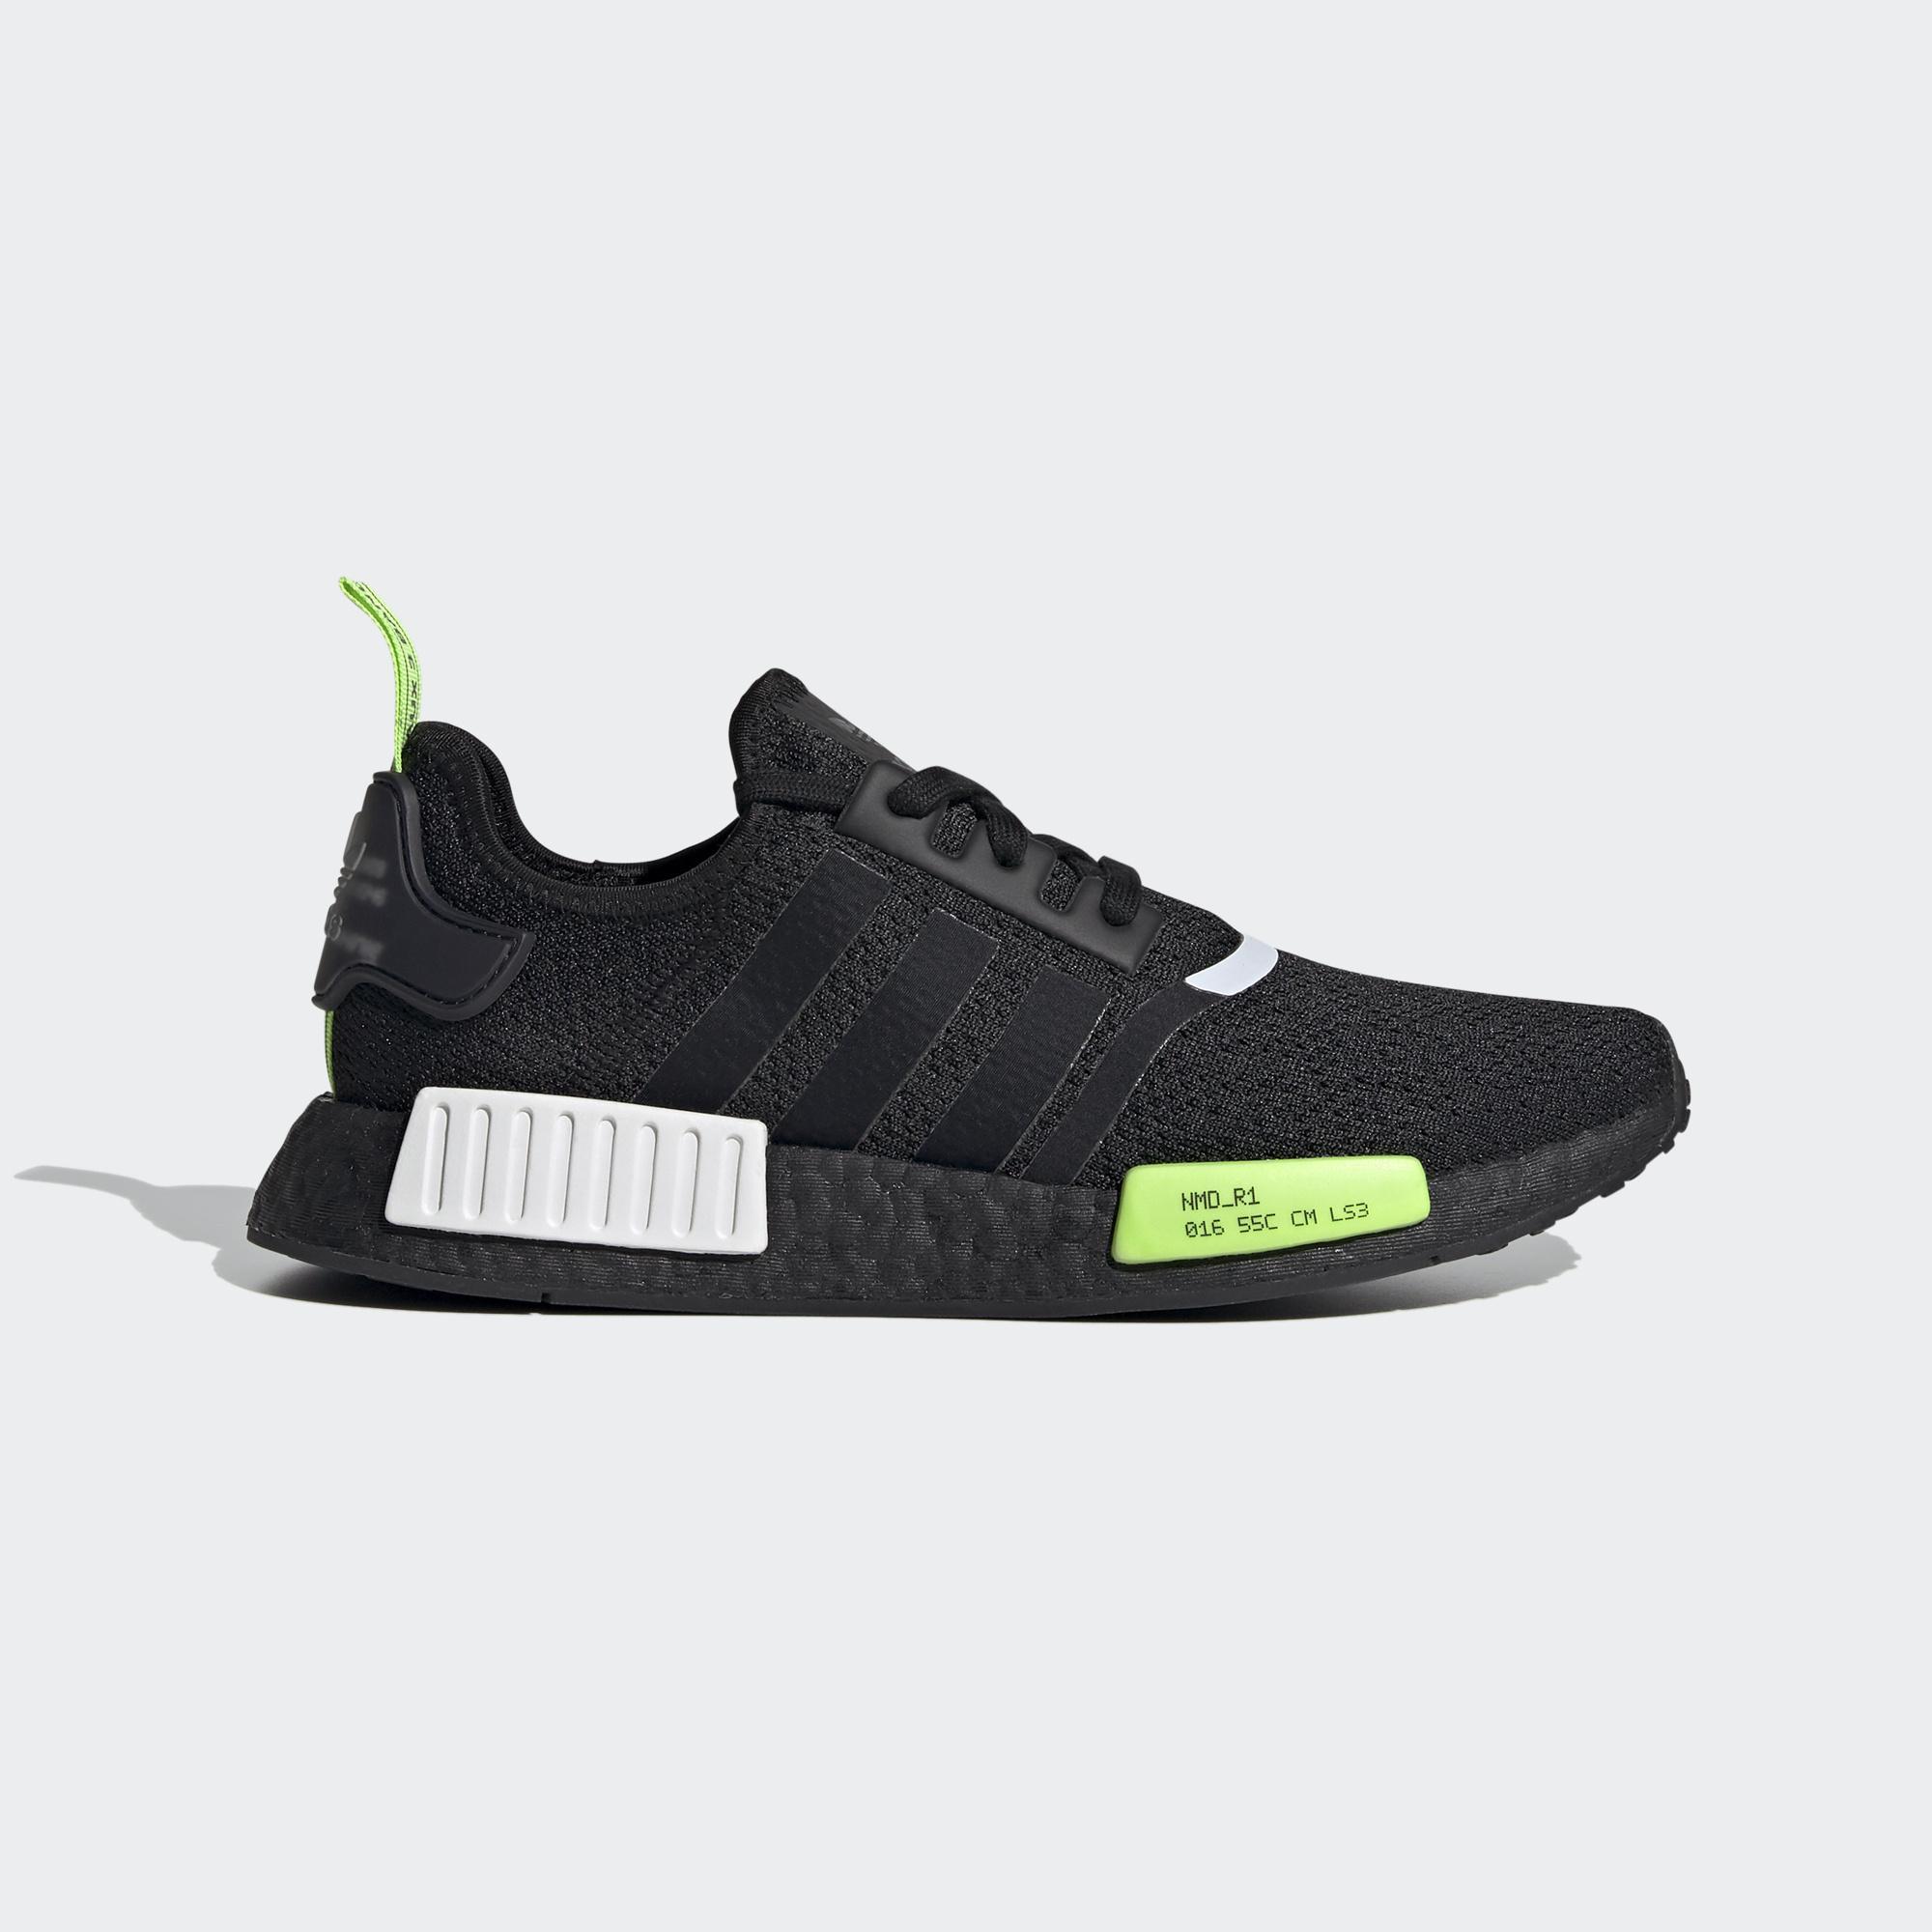 【滿額↘再折$250】【ADIDAS】NMD_R1 Core Black 黑 螢光綠 休閒鞋 男款 EF4268 (Palace store)